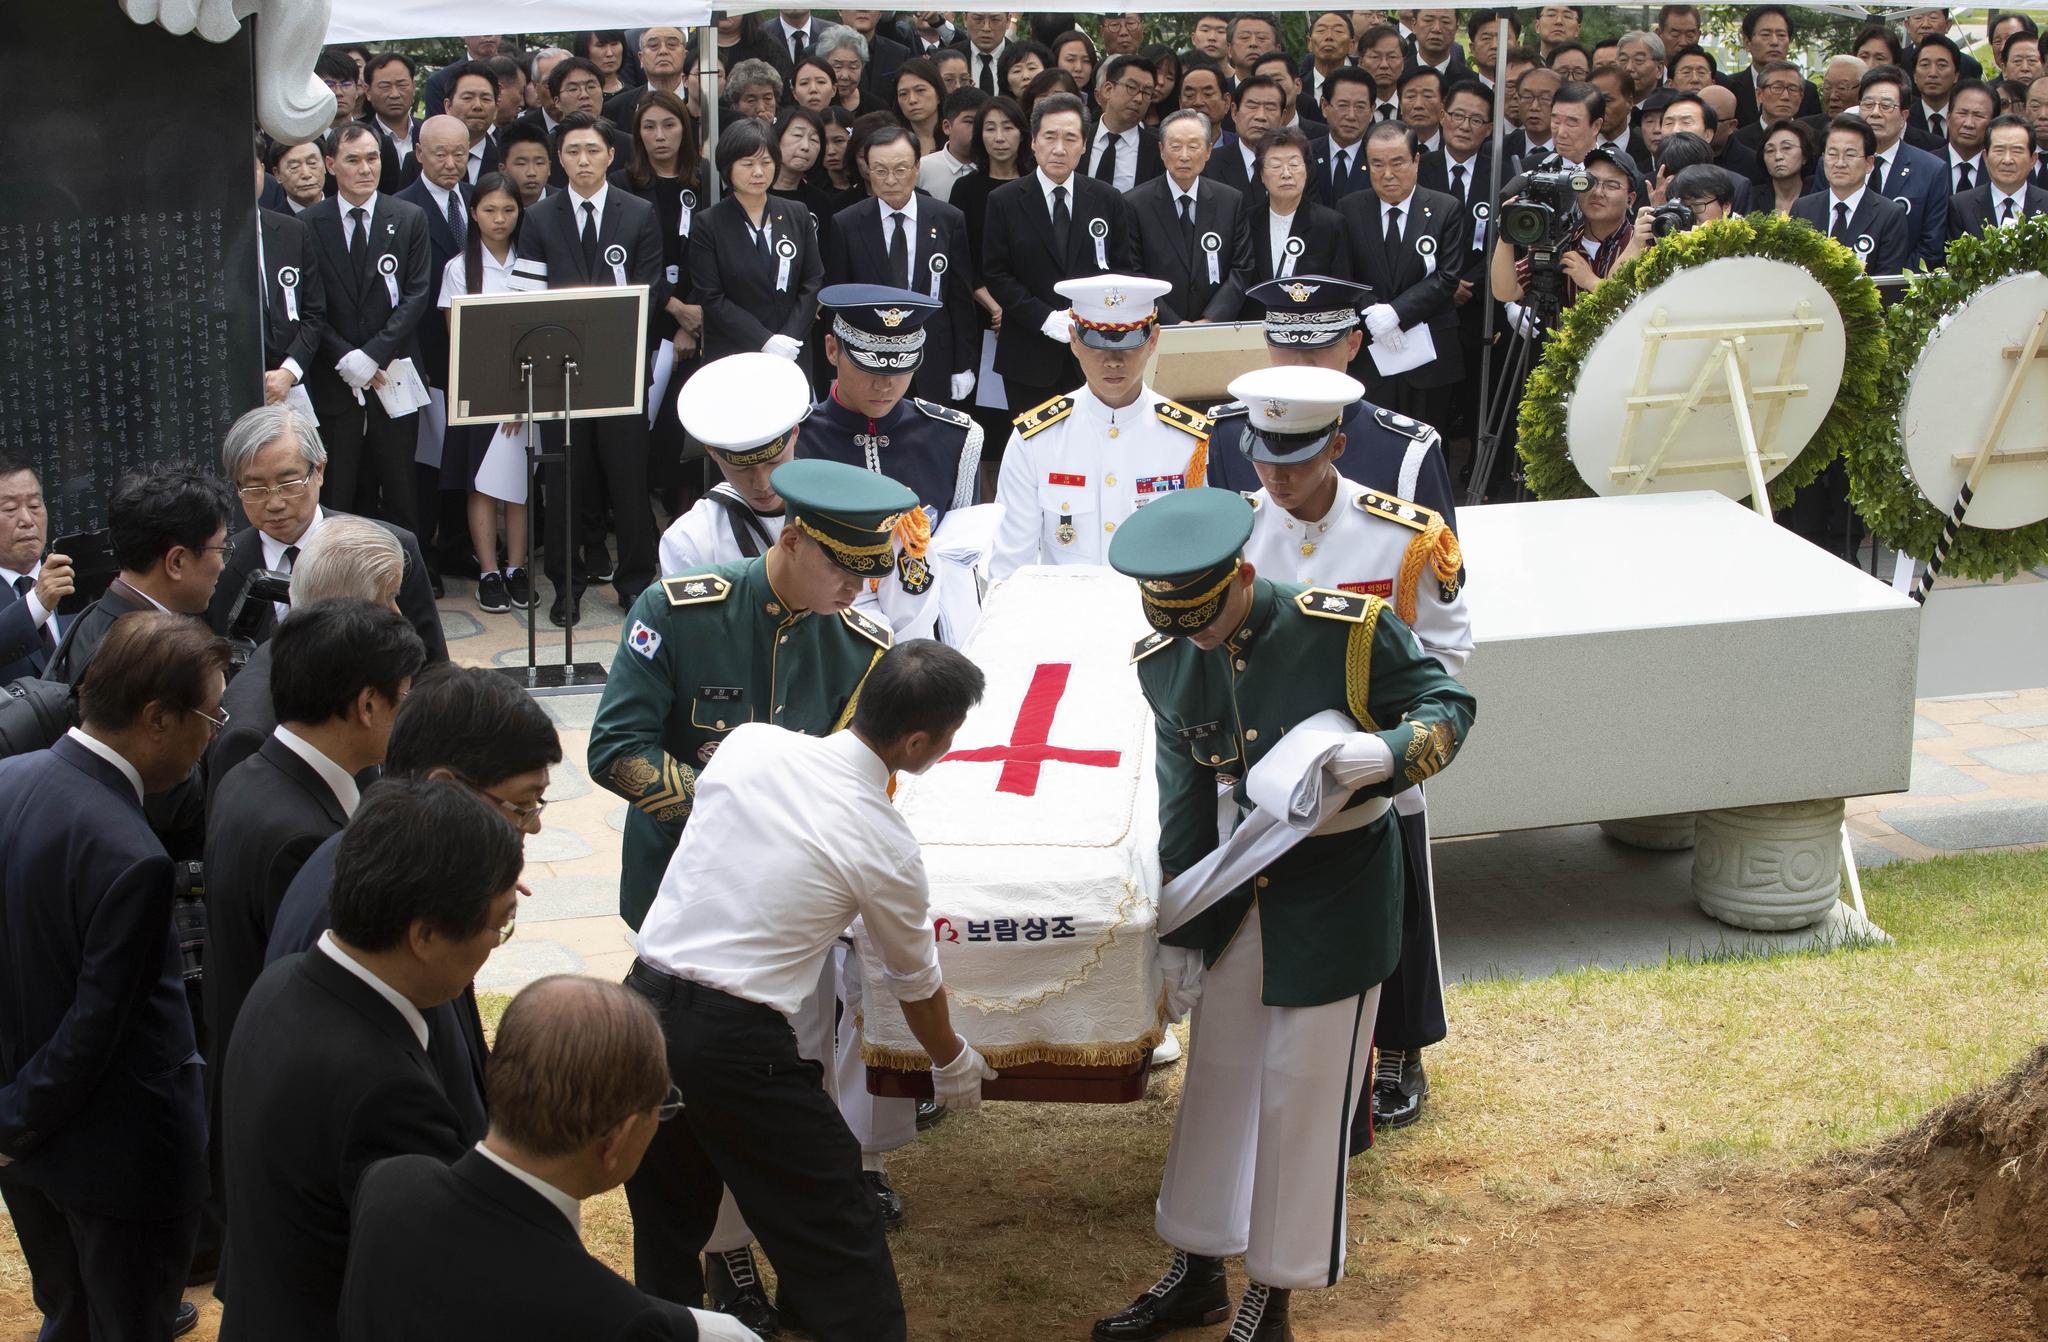 14일 오전 서울 동작구 국립서울현충원 내 김대중 전 대통령 묘역에서 엄수된 고 이희호 여사 안장식에서 하관식이 진행되고 있다. 우상조 기자